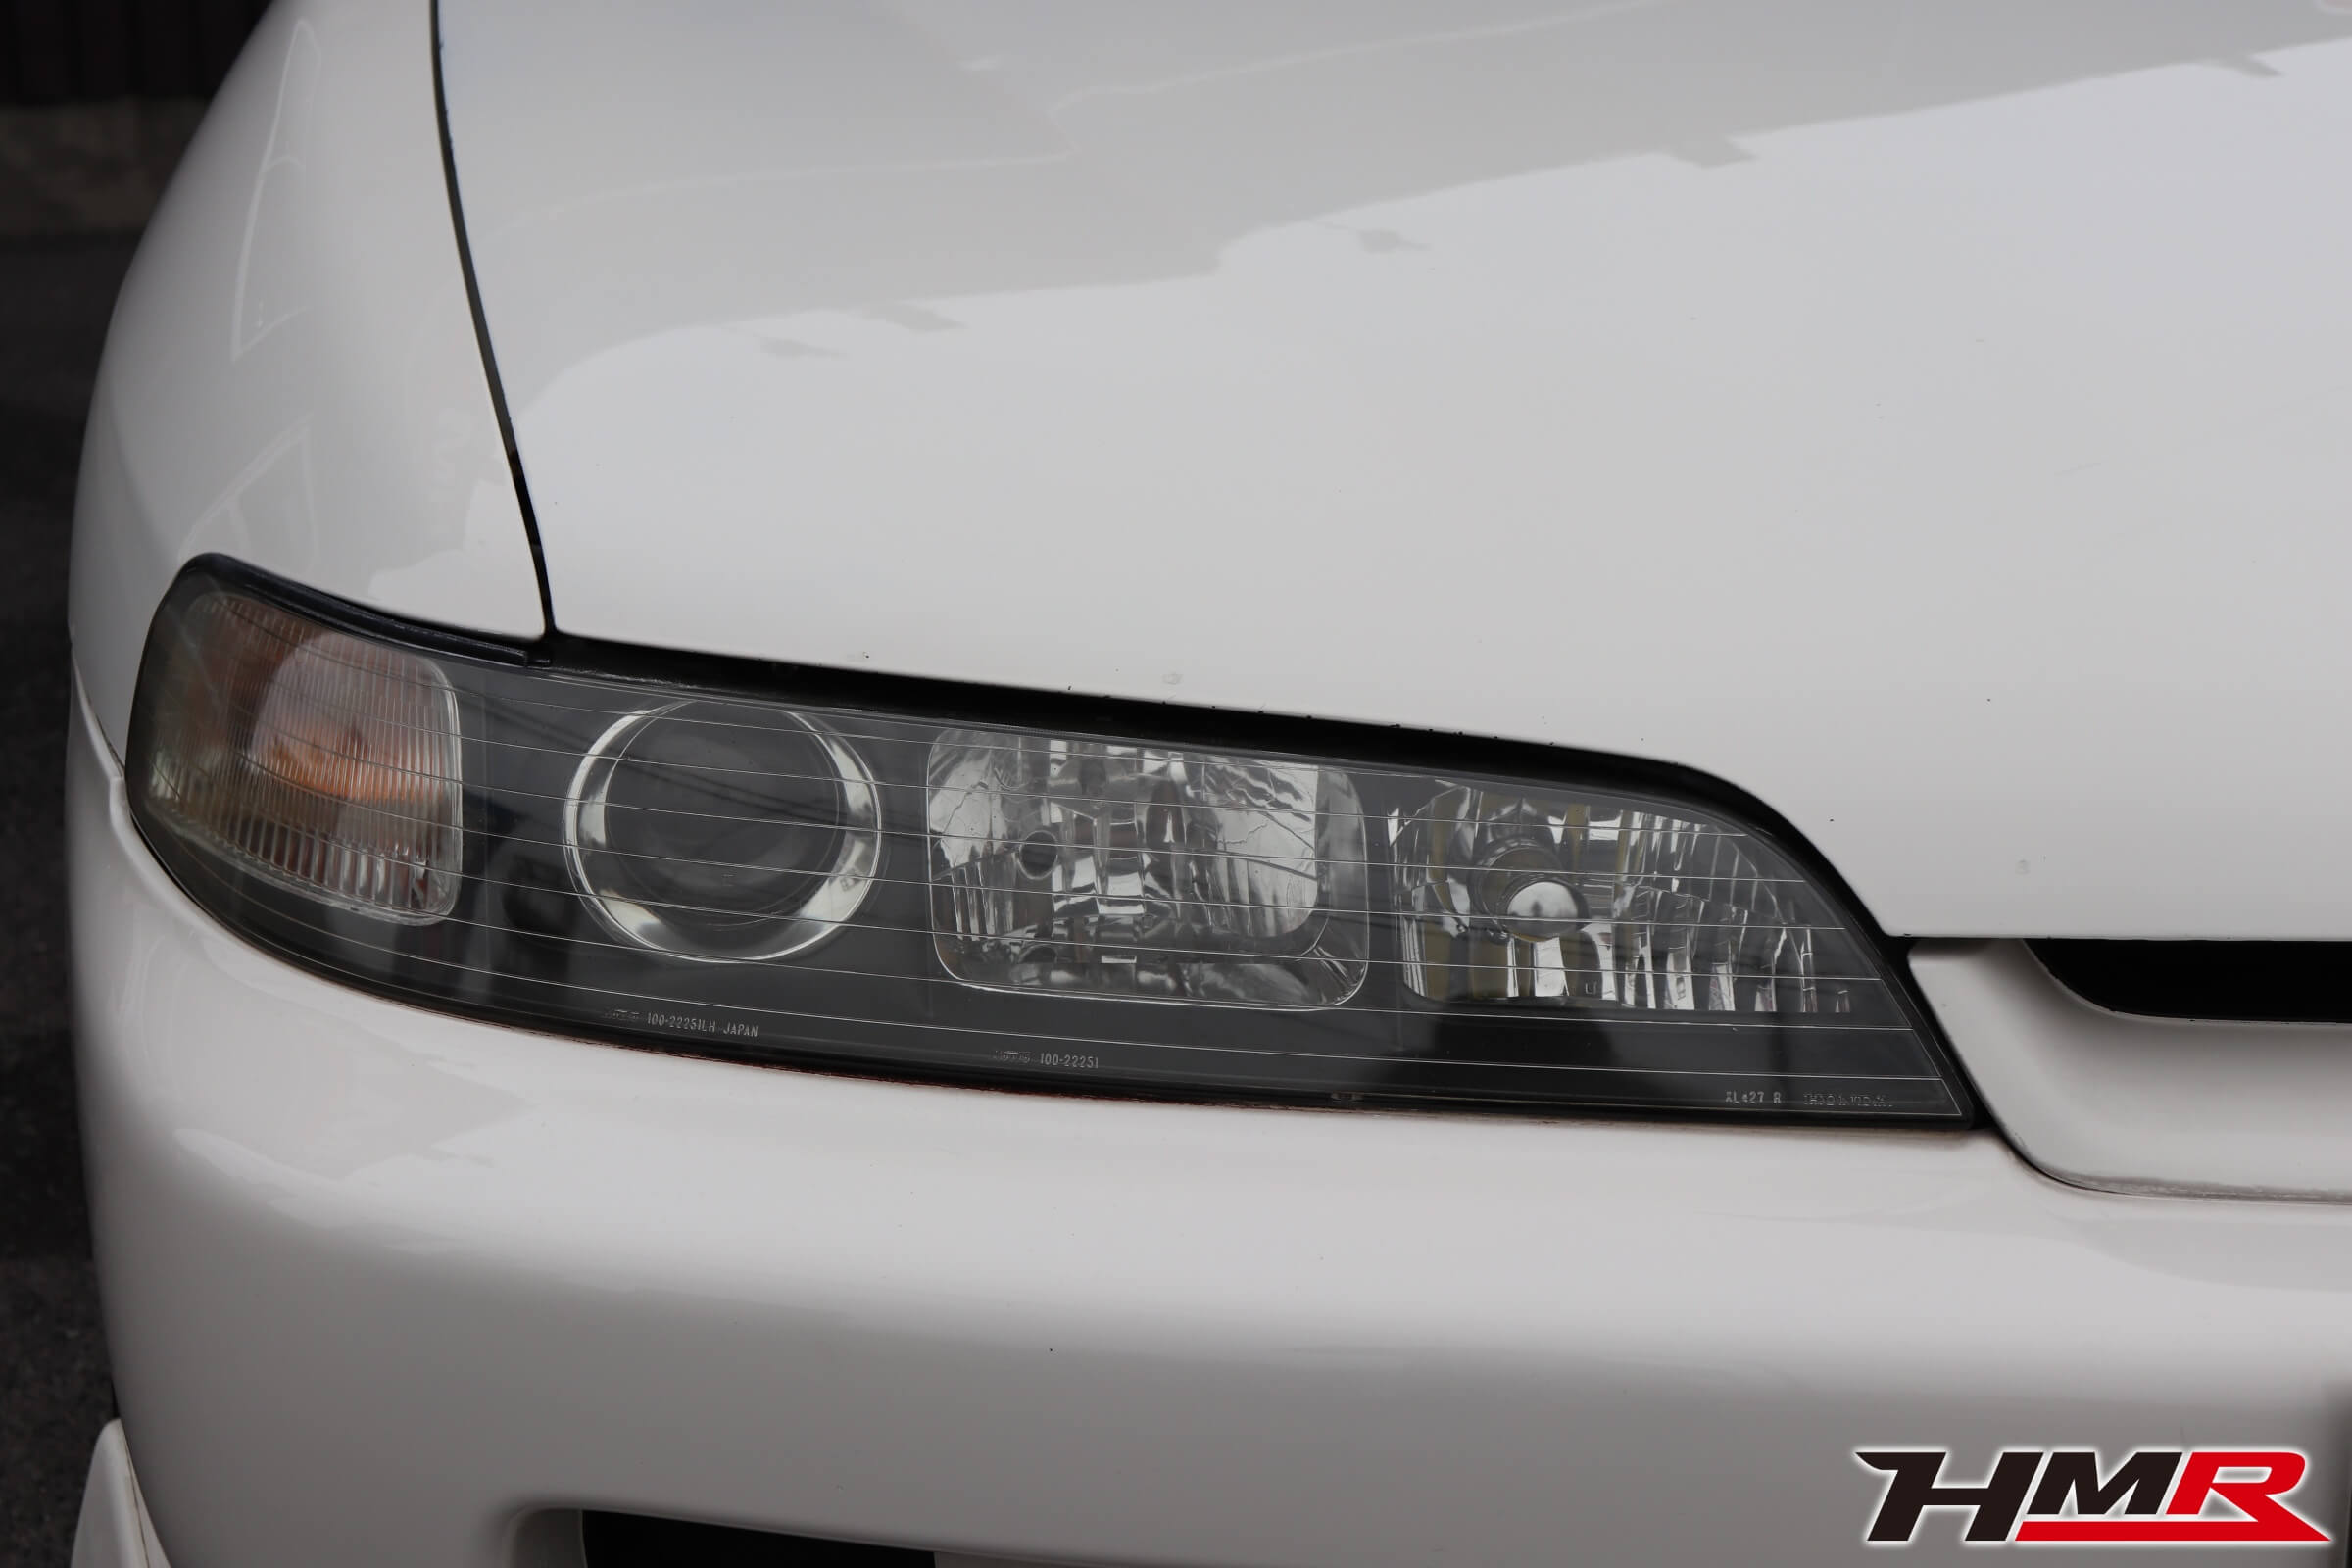 インテグラタイプR(DB8)ヘッドライト